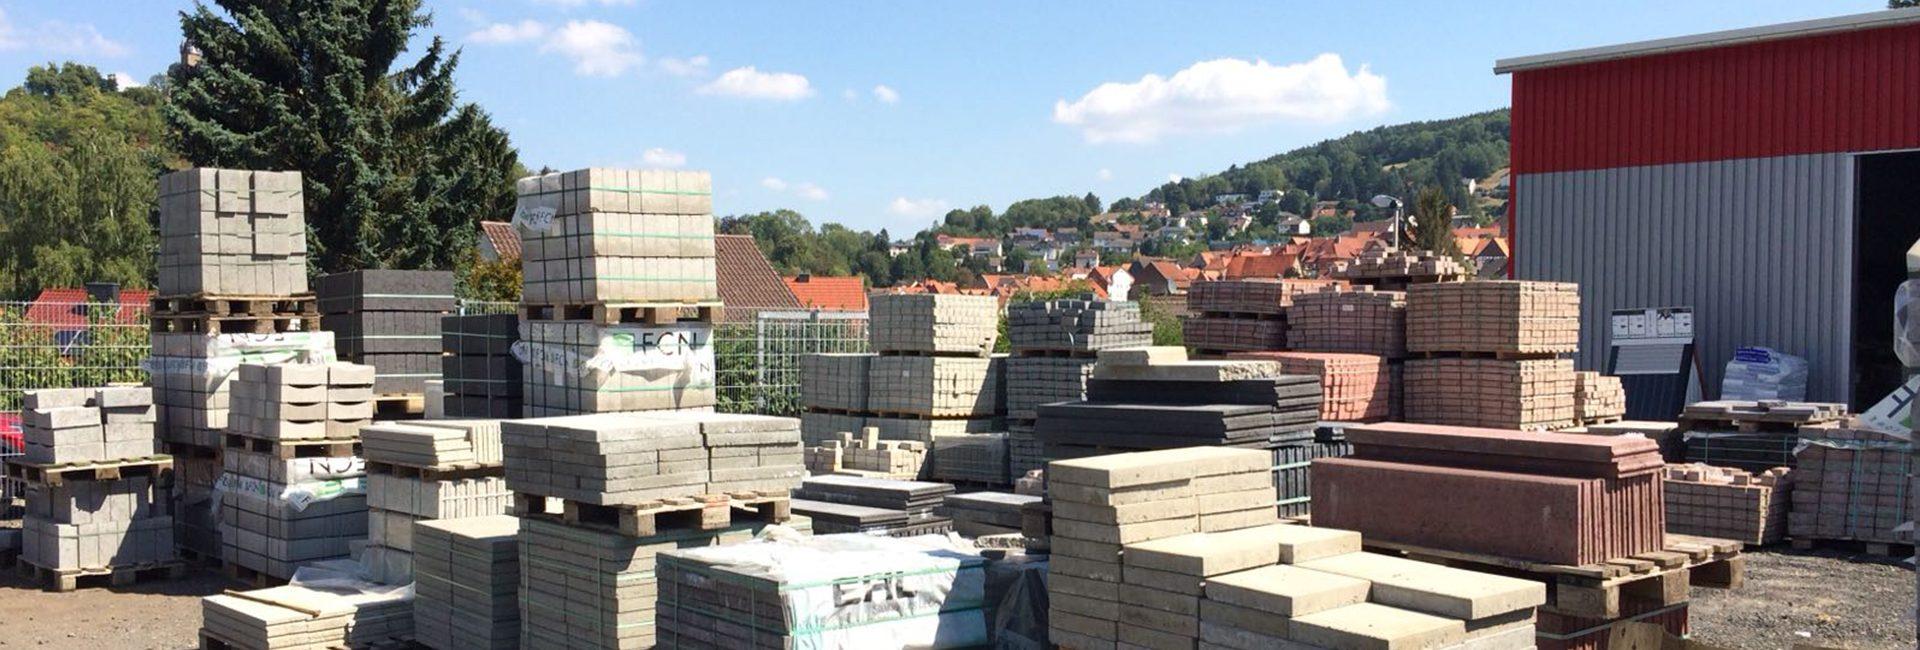 Rundgang durch den Baumarkt und Baustoffhandel in Spangenberg